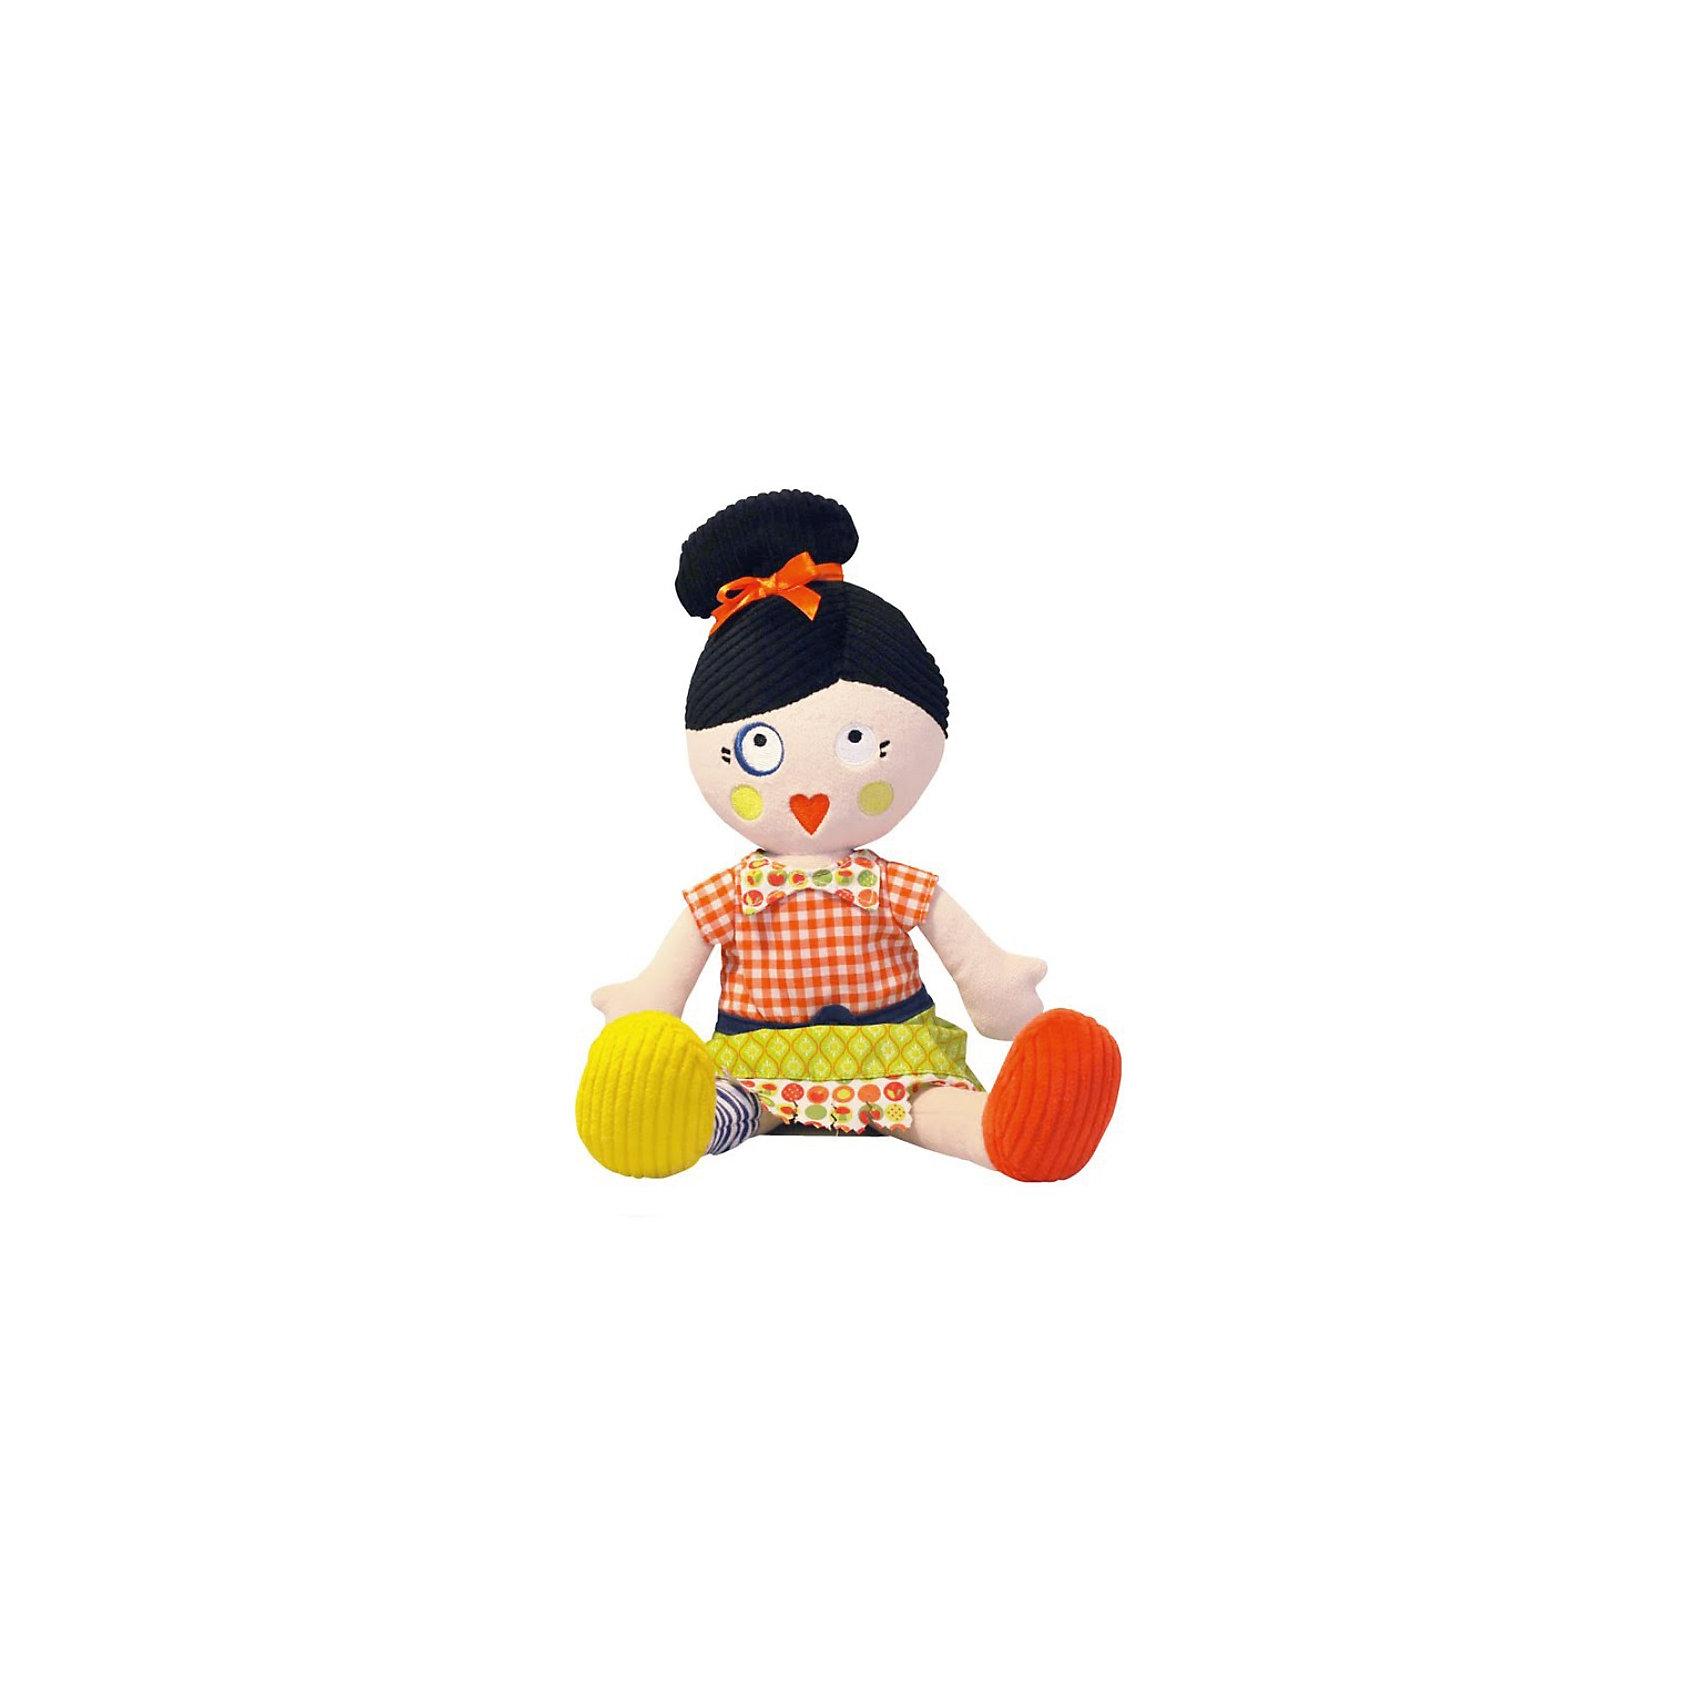 Кукла Mistinguette Henriette, DeglingosМягкая дизайнерская кукла Henriette (Генриетта) Deglingos с элементами ручной вышивки сразу покорит сердце вашей малышки! В игрушке использованы высококачественные  материалы: велюр, вельвет, ситец, драп, мешковина. Все детали куклы вышиты вручную. Кукла Генриетта завоевывает симпатию, экстравагантным и необычным видом. Генриетта настоящая парижанка, у нее свой неповторимый стиль. Игрушка порадует ее обладателя ручной работой, высоким уровнем исполнения и достойным выбором первоклассных материалов, взятых для ее изготовления.<br>Мягкой необычной кукле будет рад и ребенок, у которого появится новая подружка, и взрослый, который порадуется оригинальному подарку.<br><br>Дополнительная информация:<br><br>- Все детали куклы вышиты вручную.<br>- Материалы: велюр, вельвет, ситец, драп, мешковина.<br>- Наполнитель: полиэстер<br>- Высота куклы: 34 см.<br>- Упакована в яркую подарочную коробку<br>- Размер упаковки: 10х15х23 см.<br>- Вес: 600 гр.<br><br>Куклу Mistinguette Henriette, Deglingos можно купить в нашем интернет-магазине.<br><br>Ширина мм: 100<br>Глубина мм: 150<br>Высота мм: 230<br>Вес г: 600<br>Возраст от месяцев: 36<br>Возраст до месяцев: 120<br>Пол: Женский<br>Возраст: Детский<br>SKU: 3771806